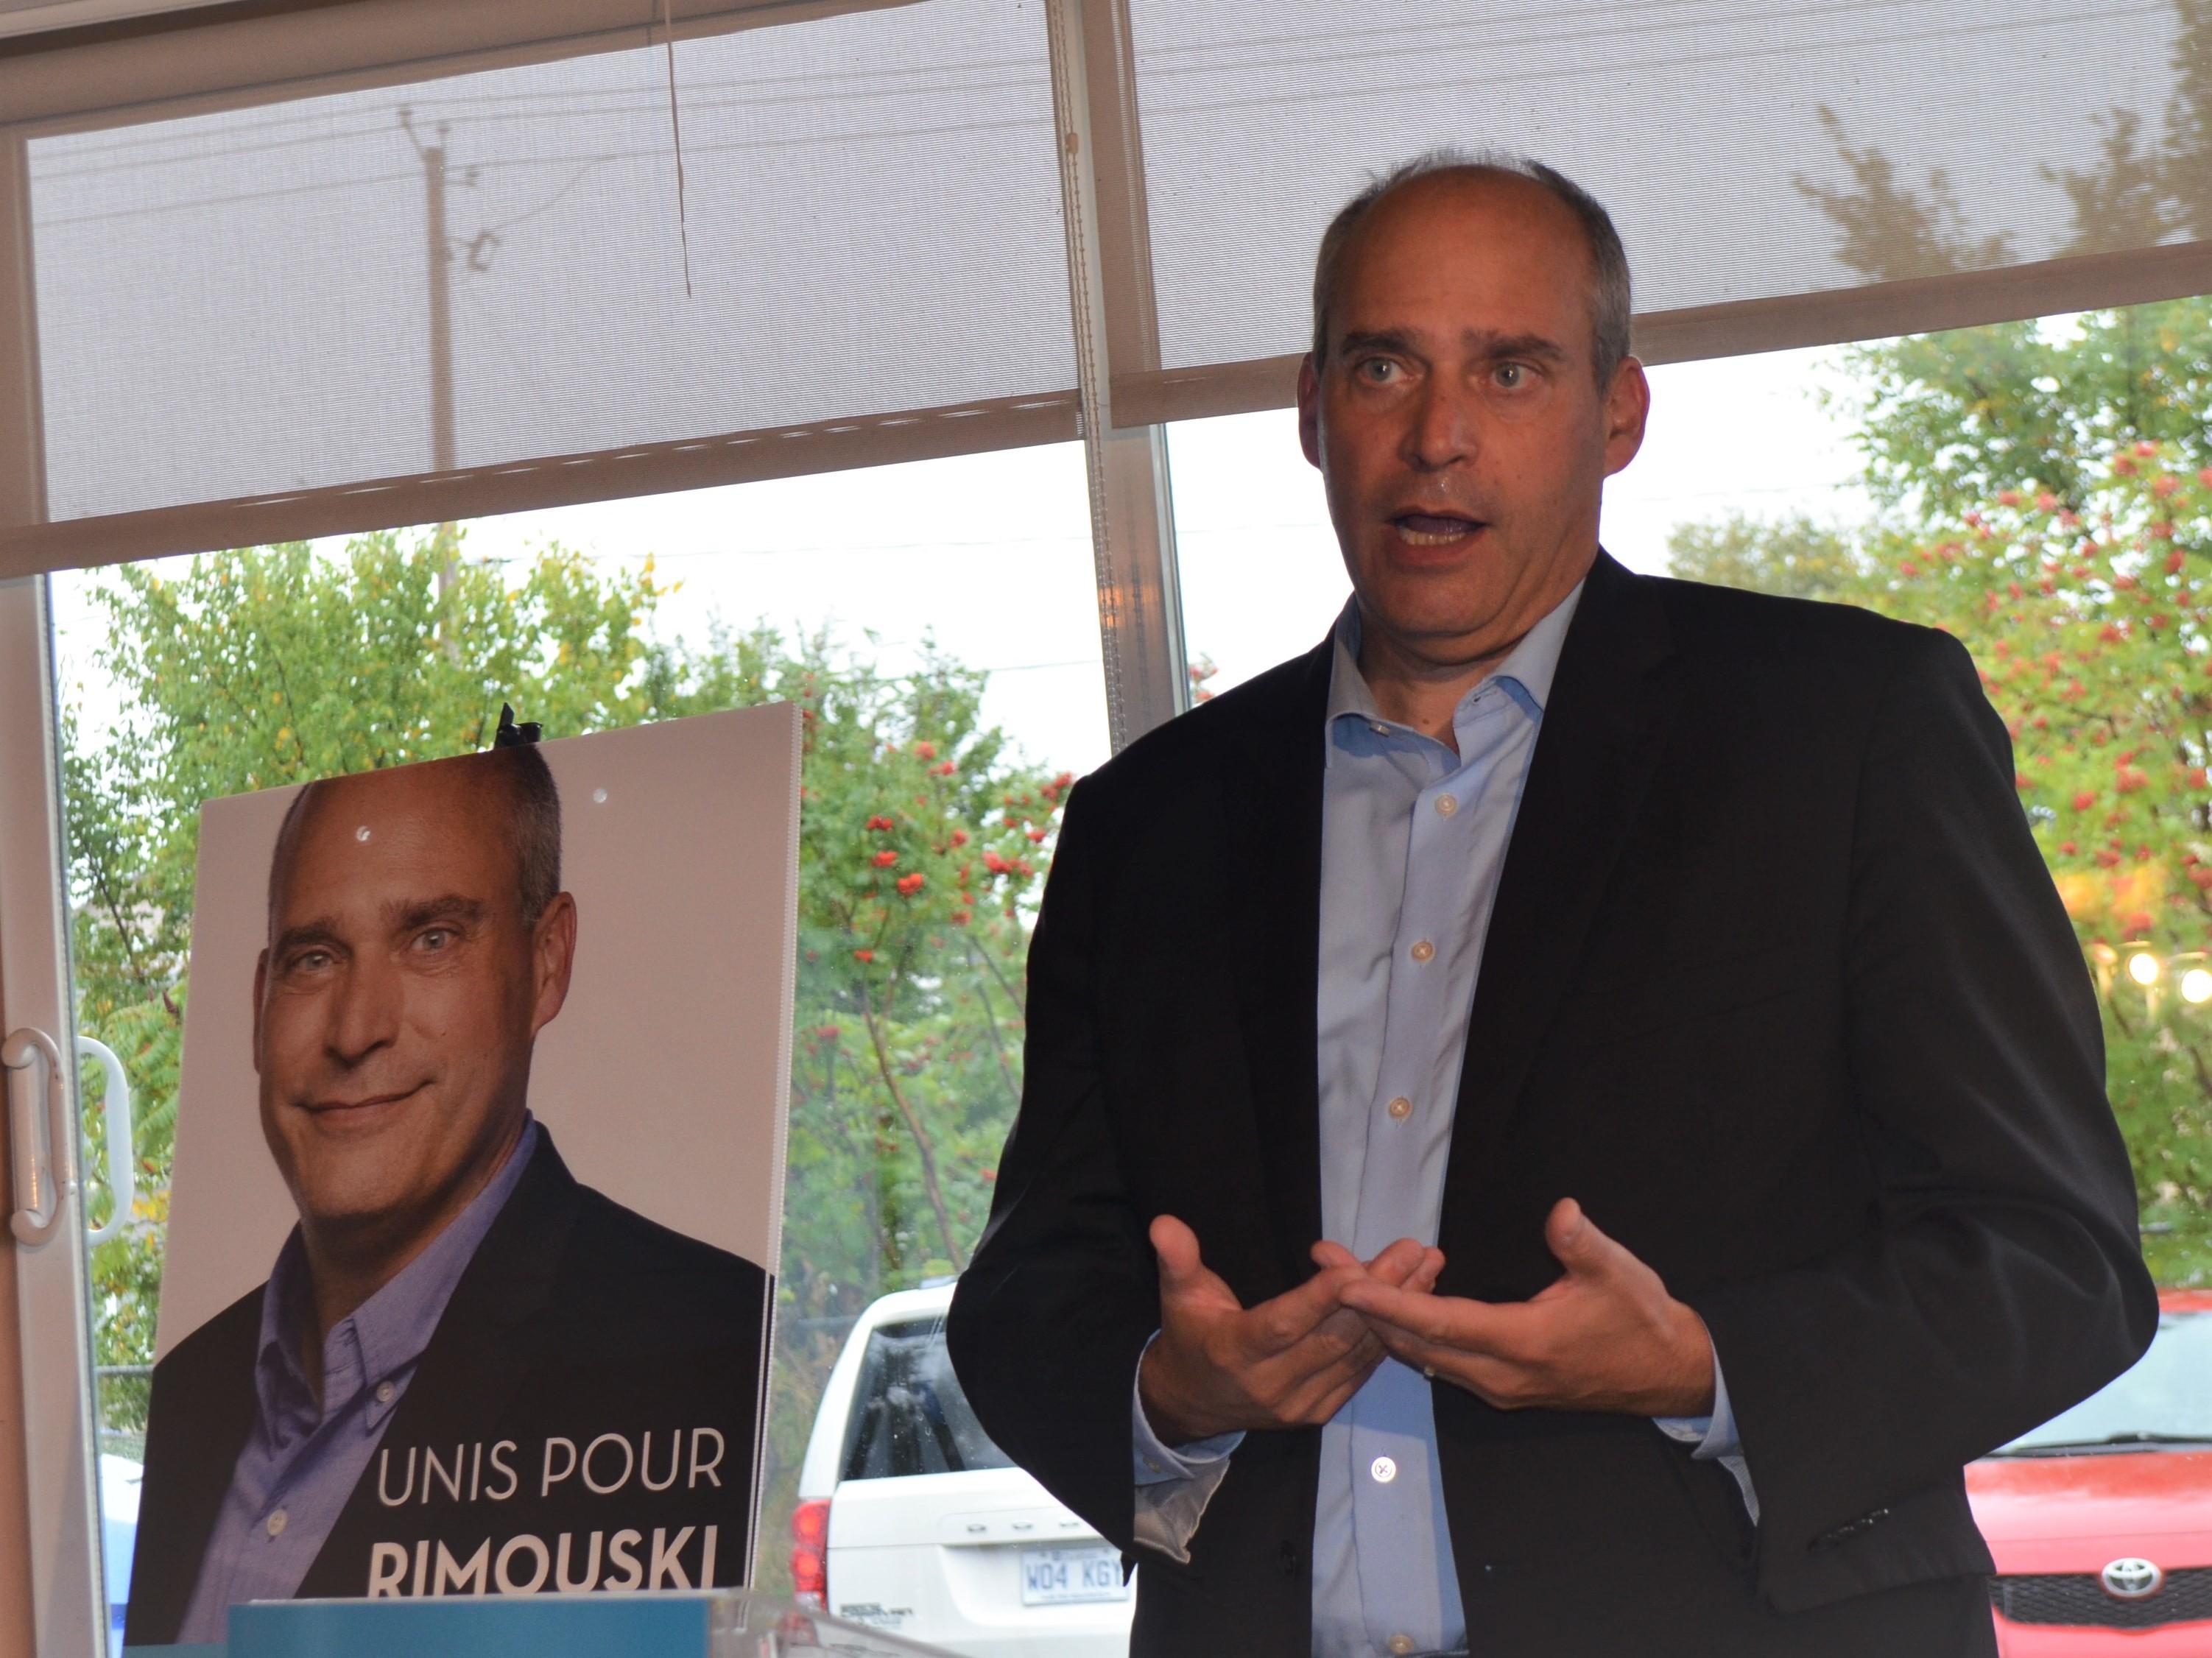 Guy Caron, candidat à la mairie, entend s'attaquer agressivement à la pénurie de logements à Rimouski.